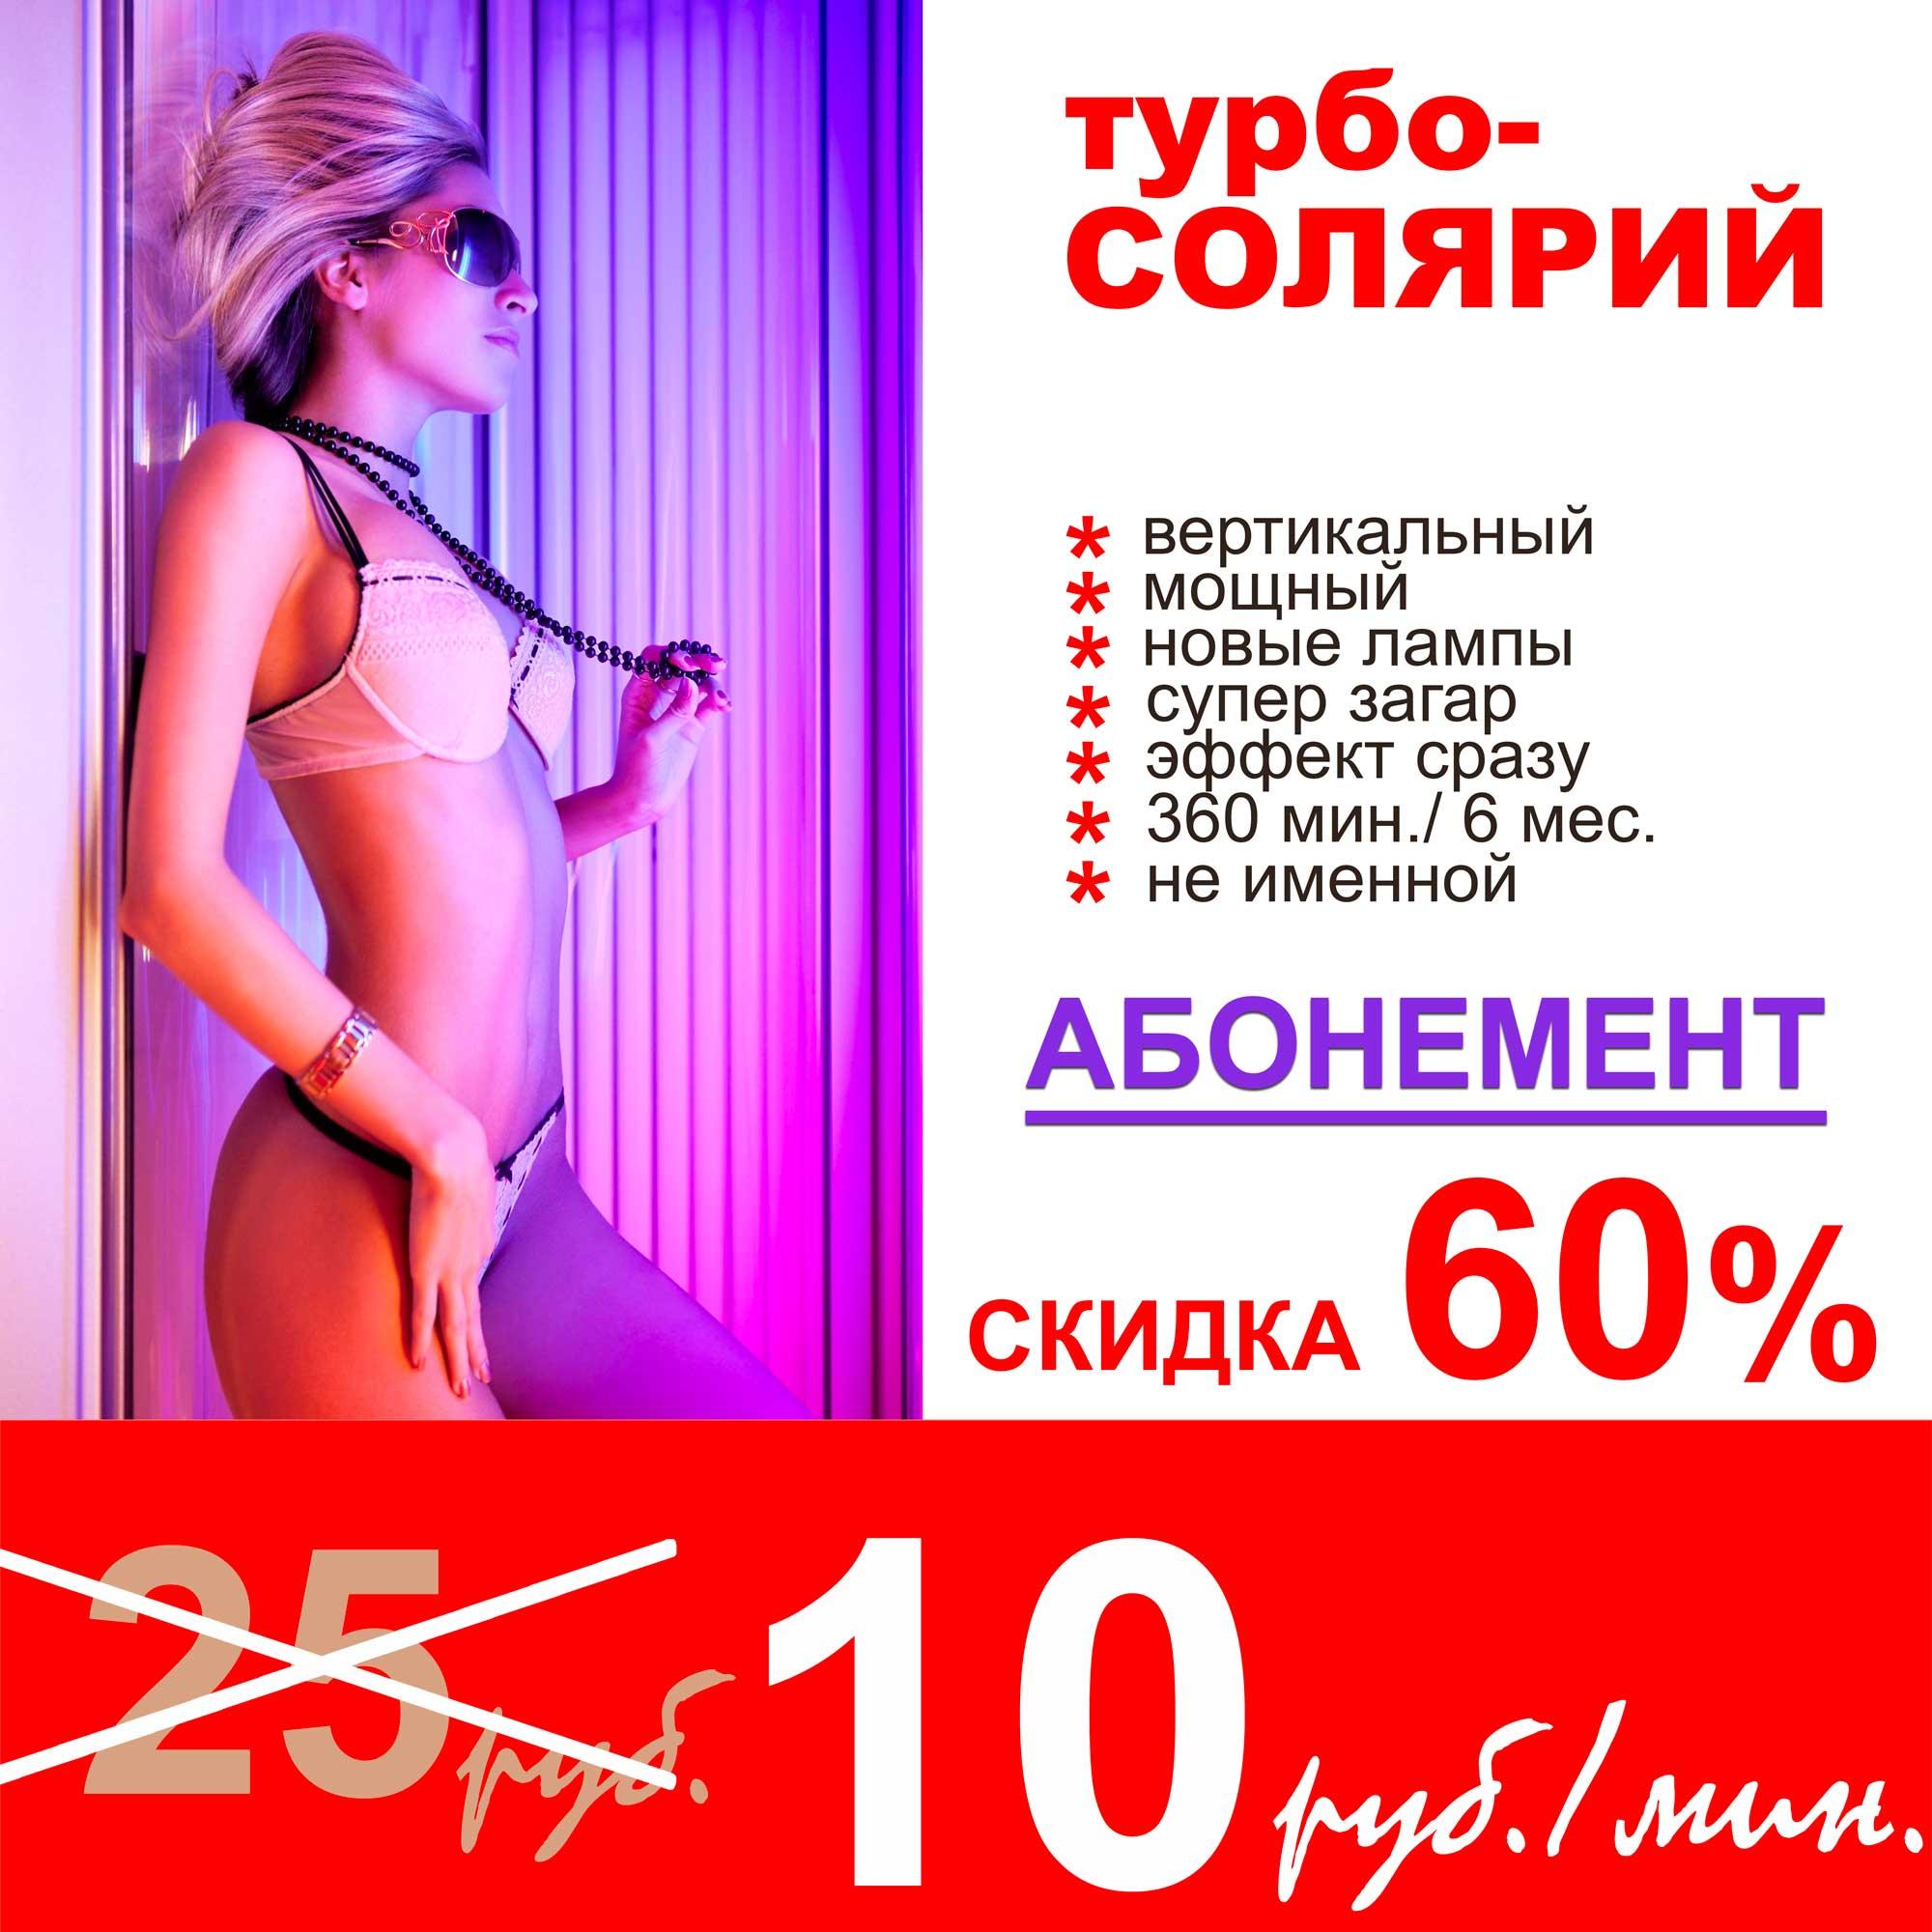 solyariy_360